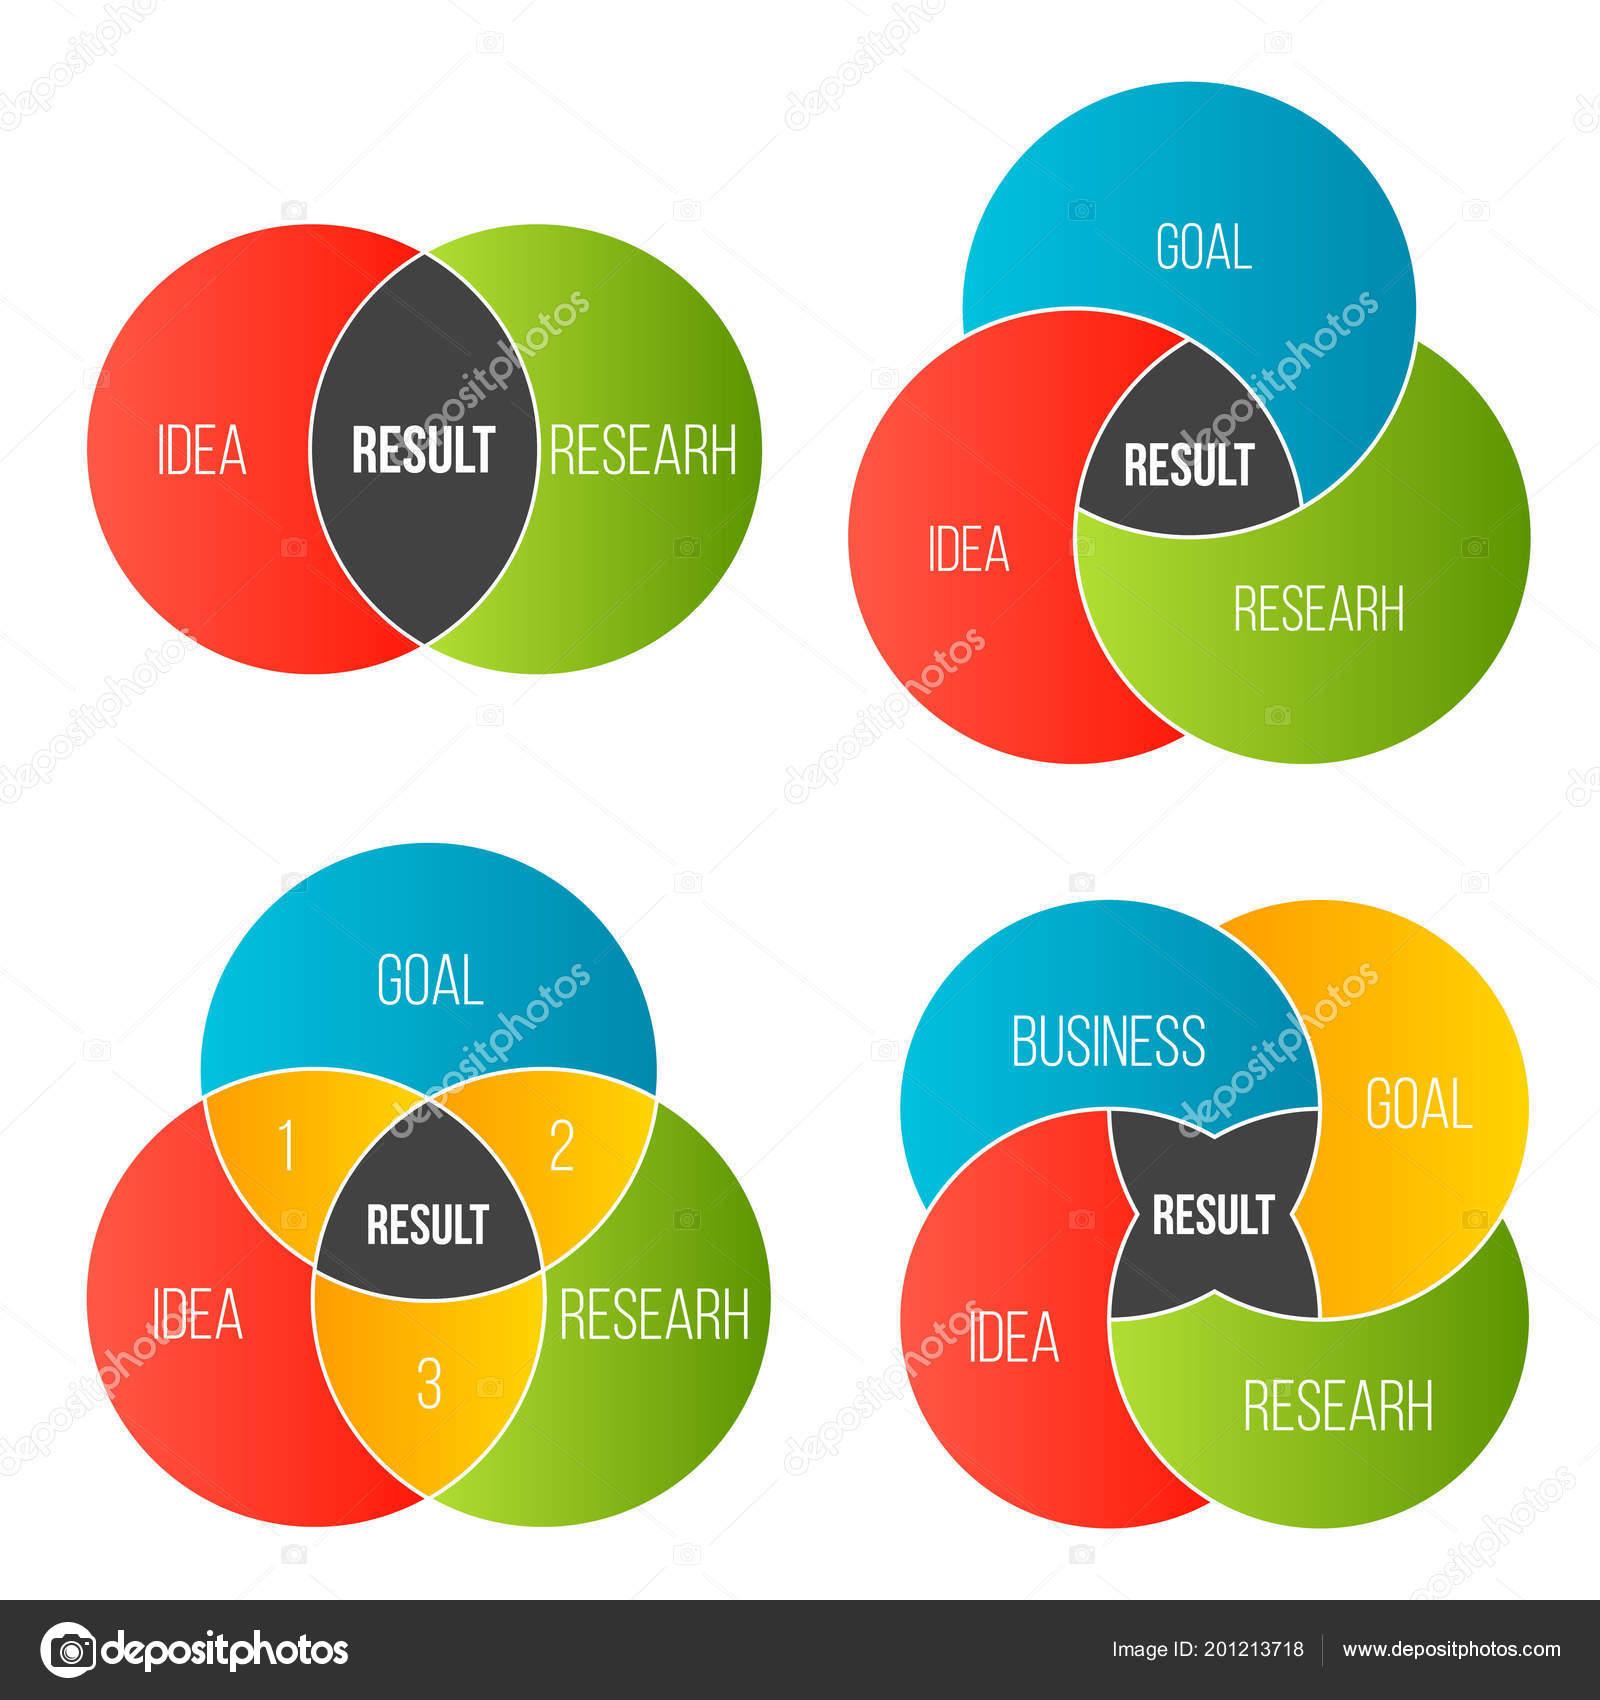 Ilustrao em vetor criativos de negcios apresentao slide modelo ilustrao em vetor criativos de negcios apresentao slide modelo crculo diagrama de venn isolado em fundo transparente ccuart Choice Image